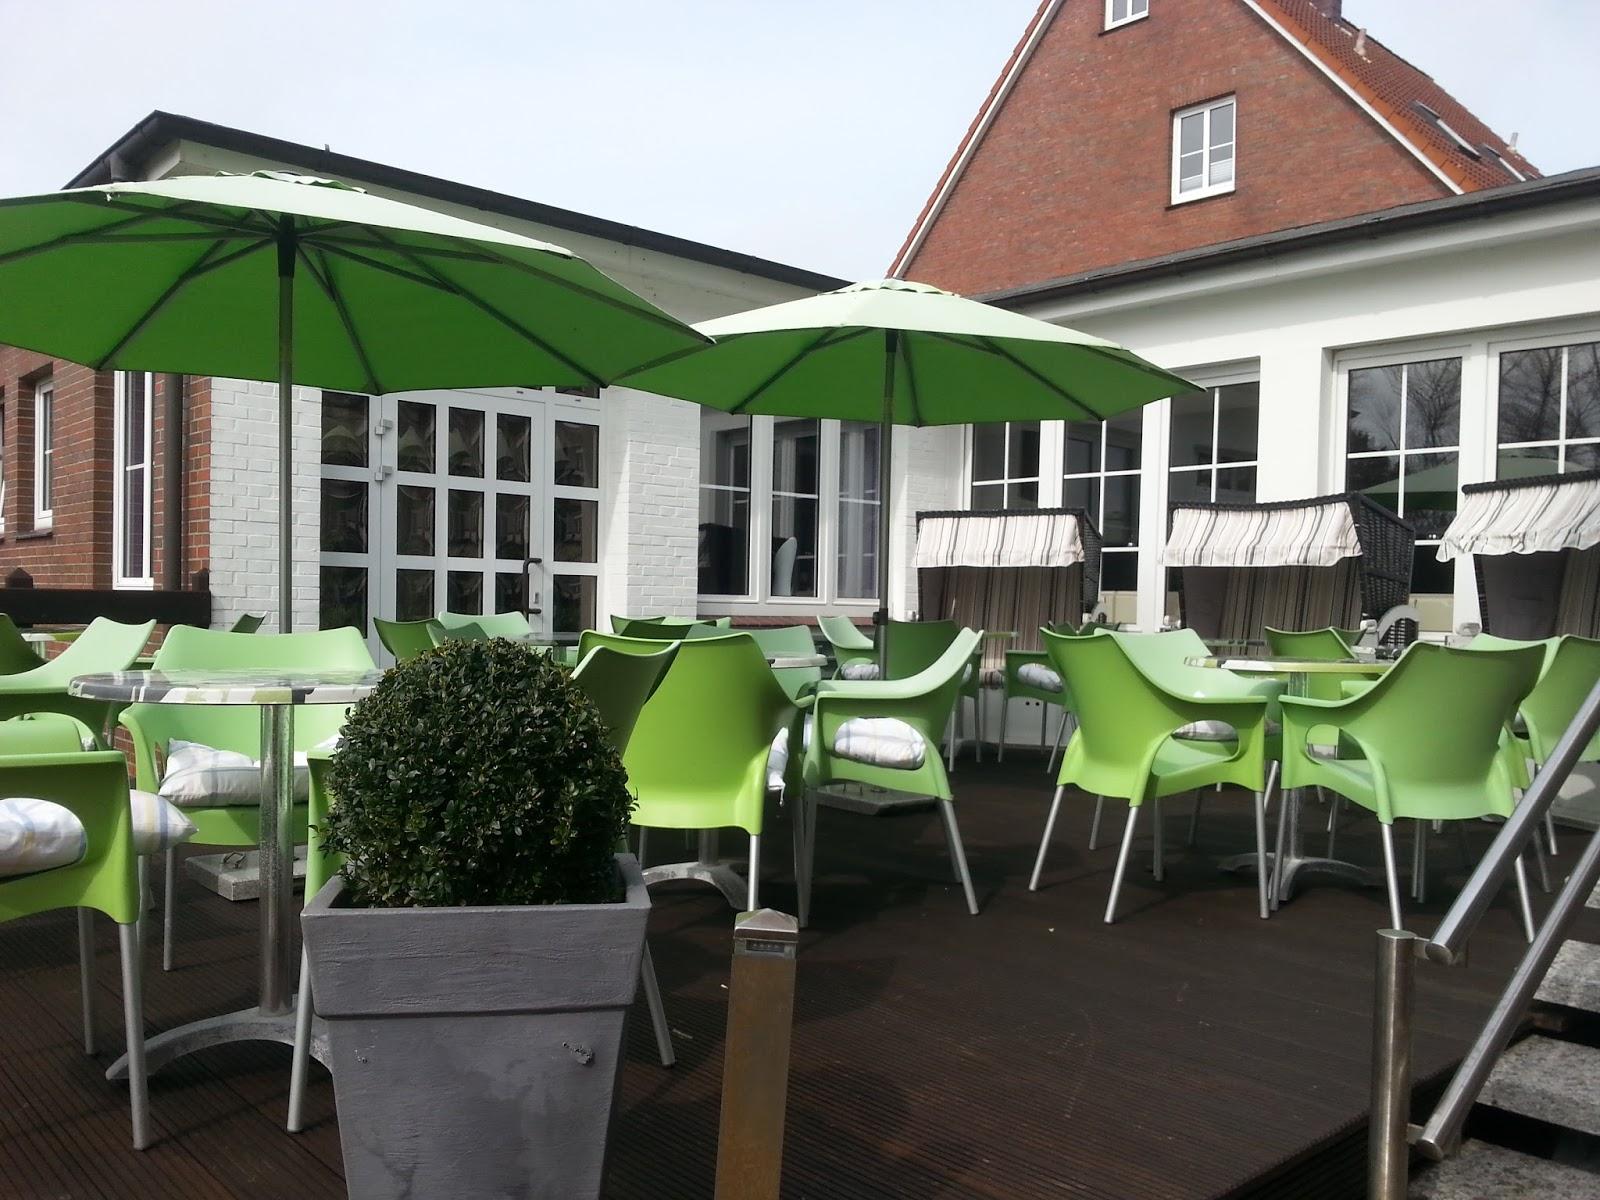 Das kleine testcaf hoteltest urlaub im retro design for Urlaub im designhotel